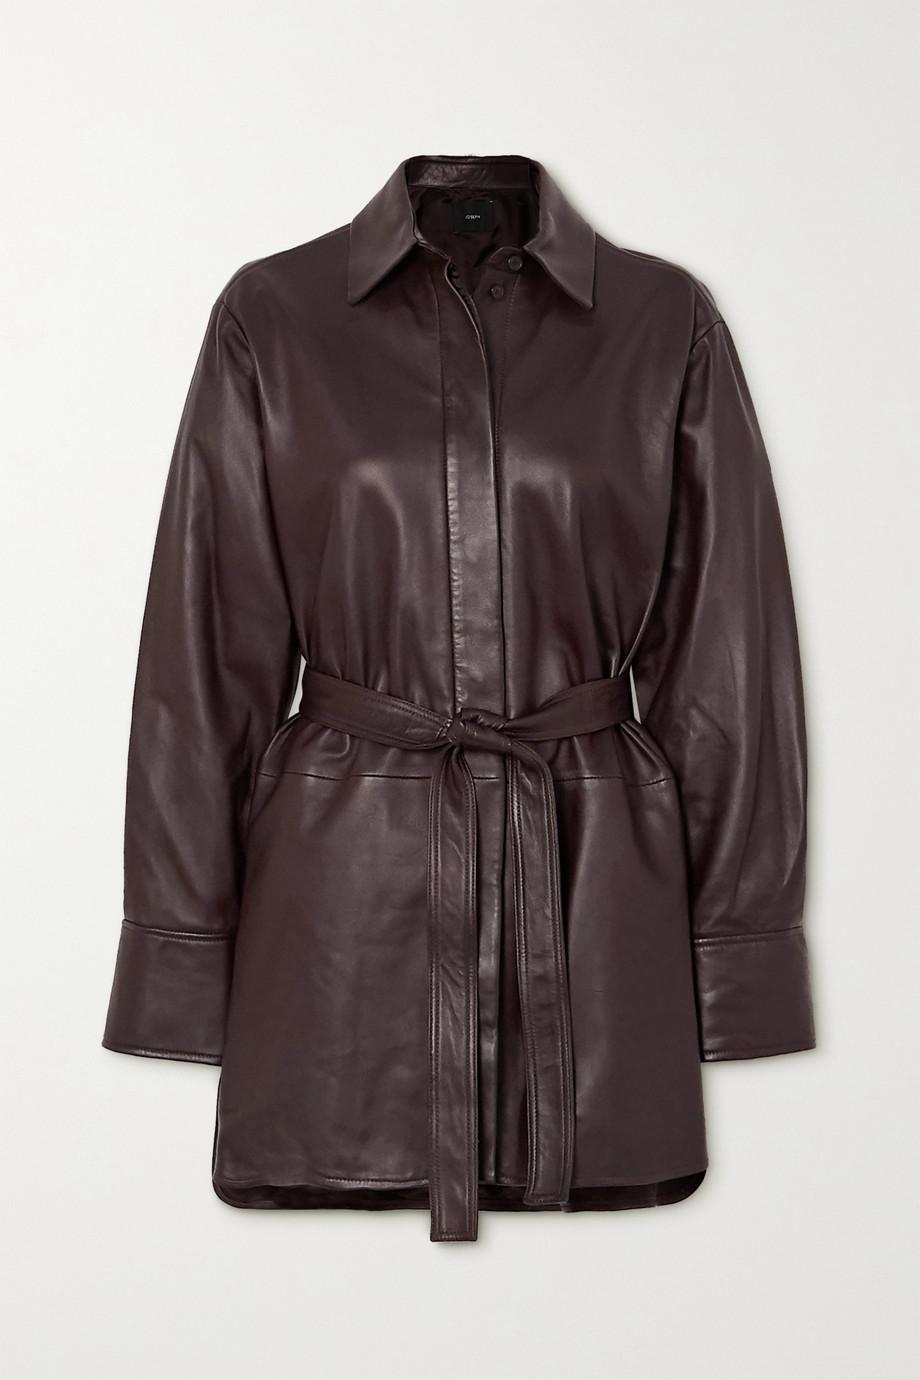 Joseph Belted leather jacket